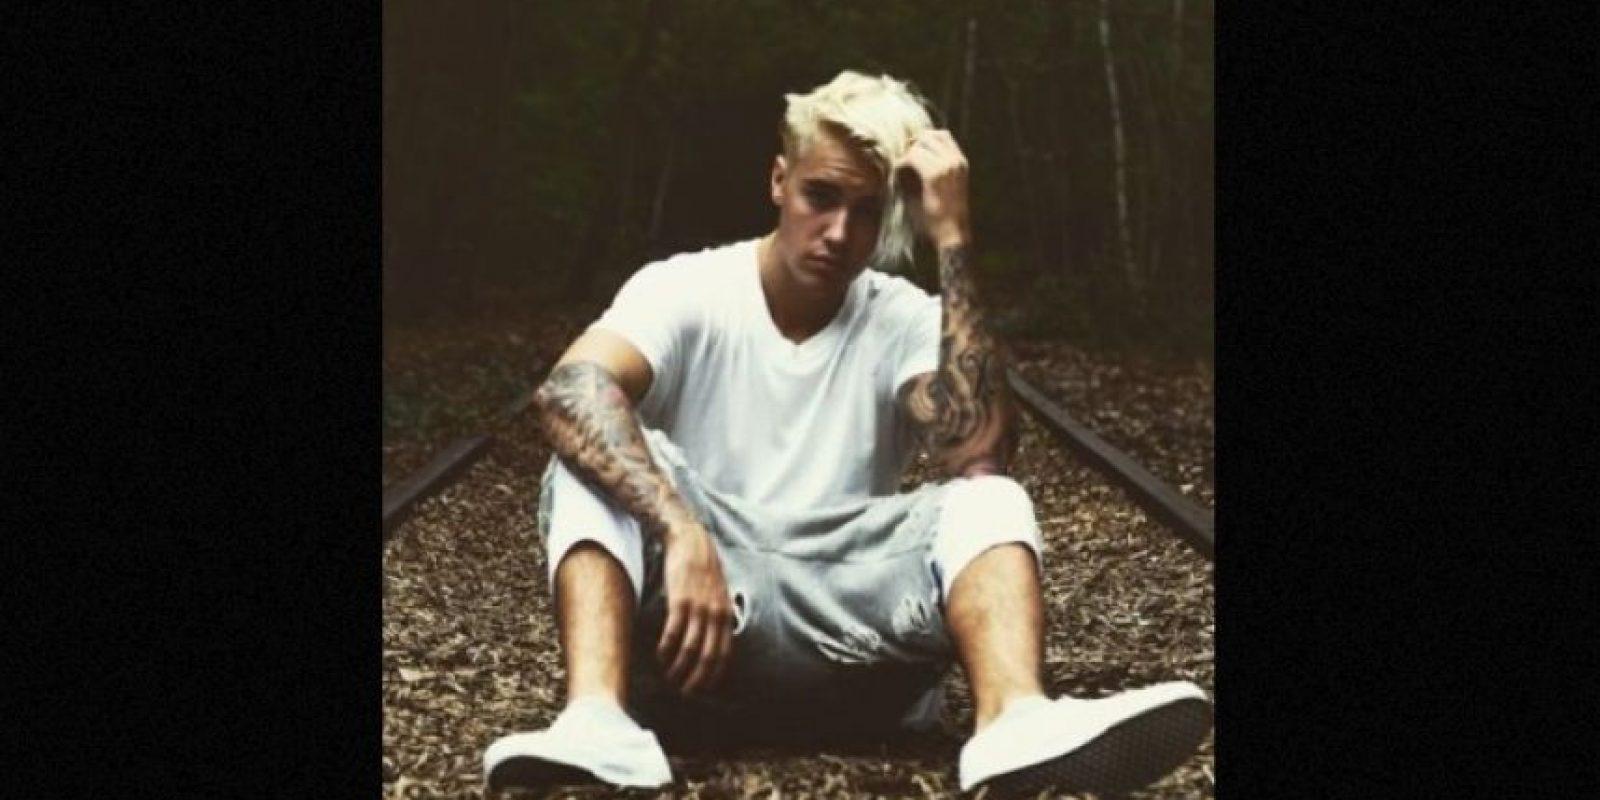 Durante los últimos meses, Justin Bieber ha sido captado totalmente desnudo mientras vacaciona, lo que ha despertado estas burlas en Internet Foto:Instagram.com/JustinBieber